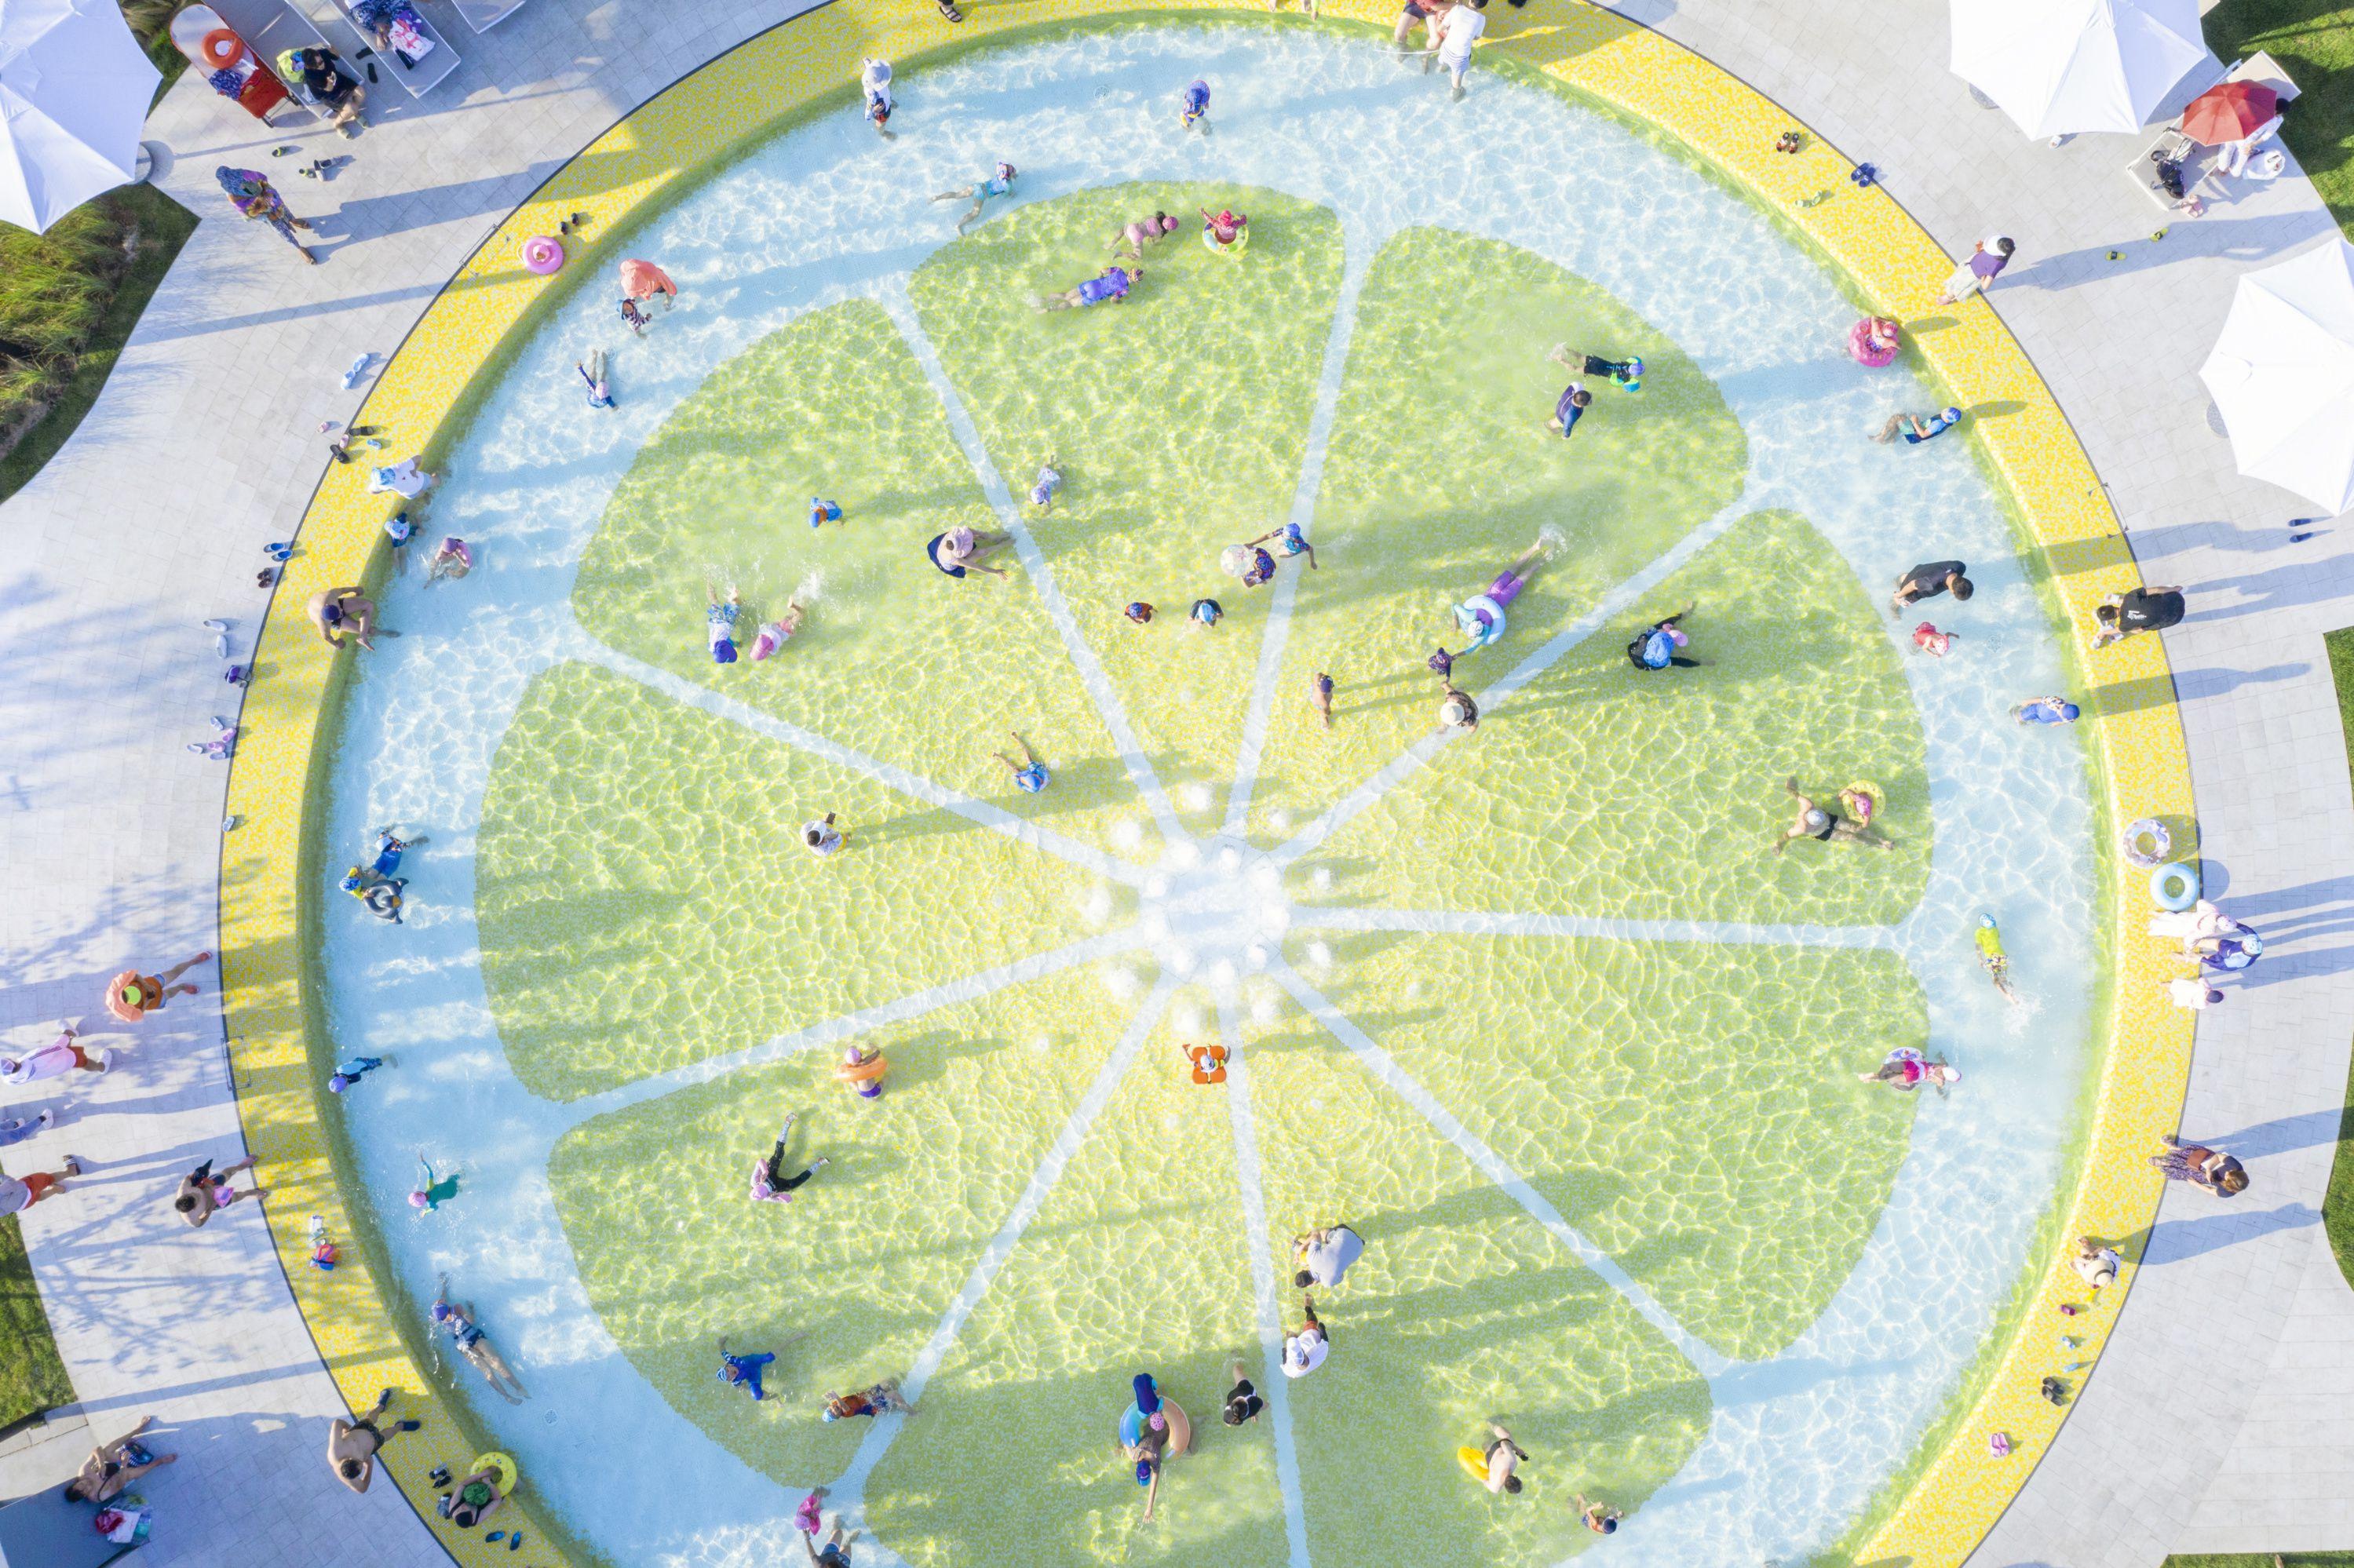 Aranya Residential Swimming Pool-Lemon Pool